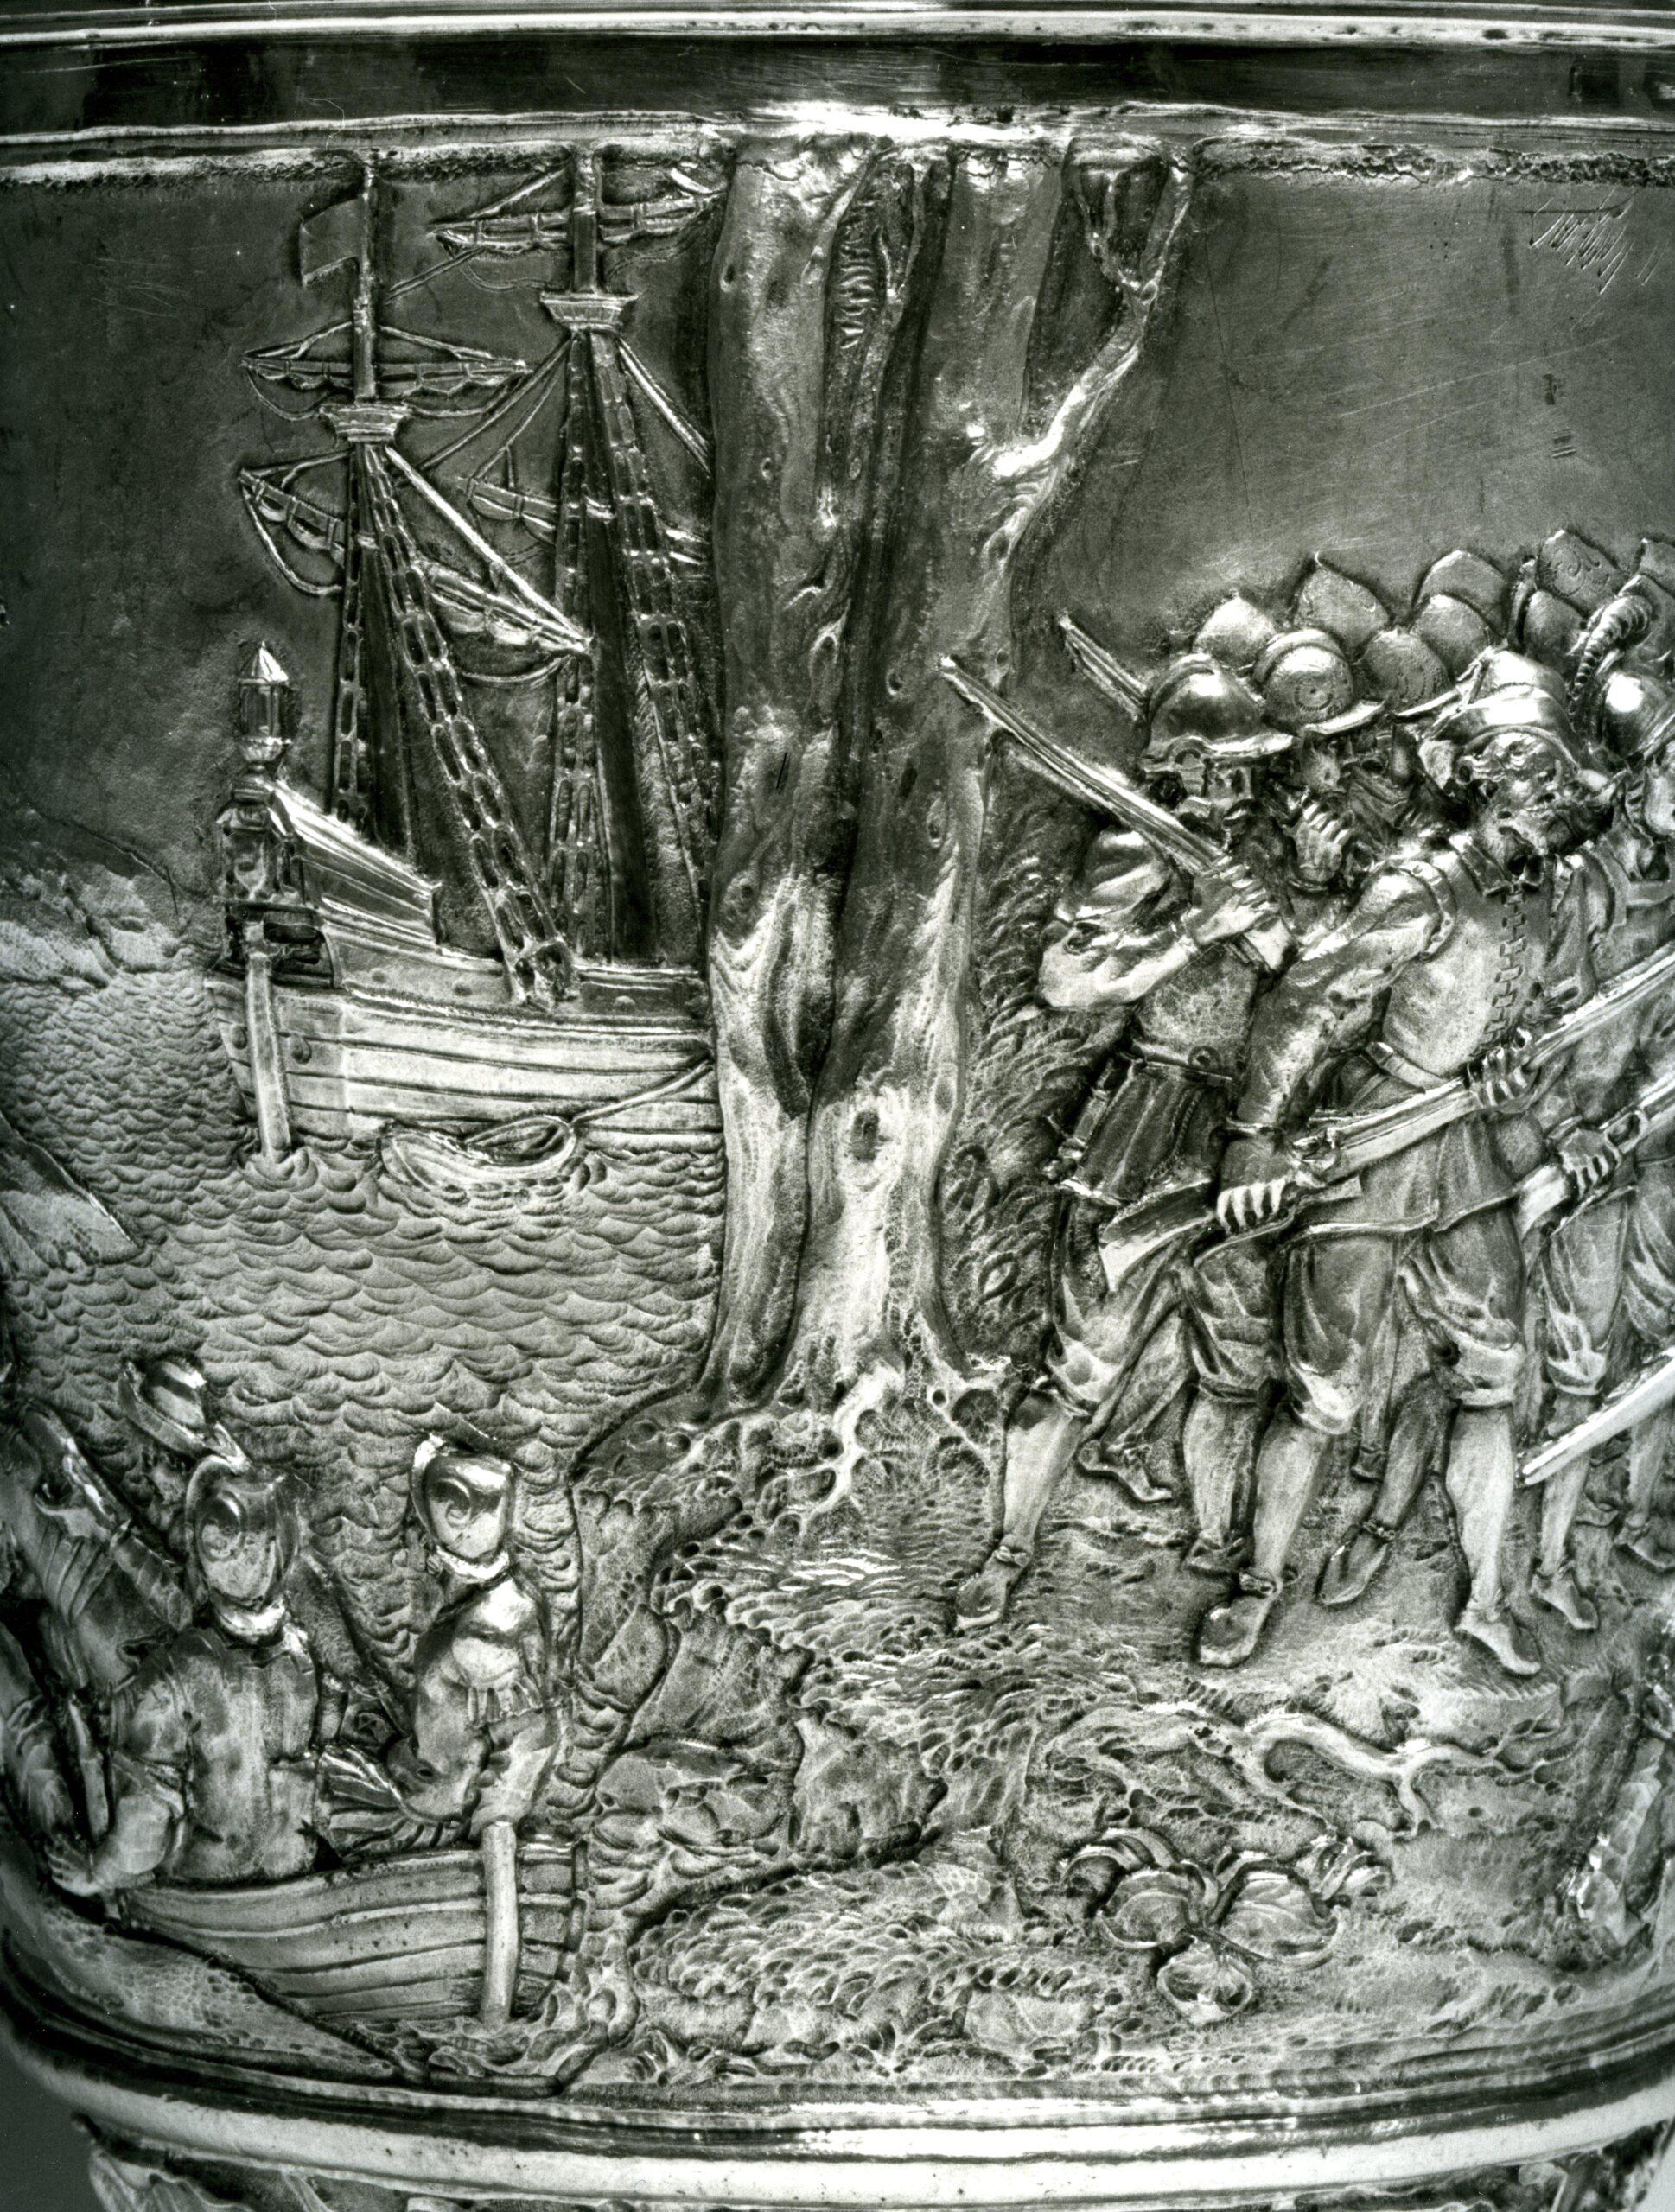 Gio Aelbosca an unknown 19th-century silversmiths, Figurative vase Colombus … the revolt of Francisco de Porras(detail), Galleria Nazionale di Palazzo Spinola, Genoa